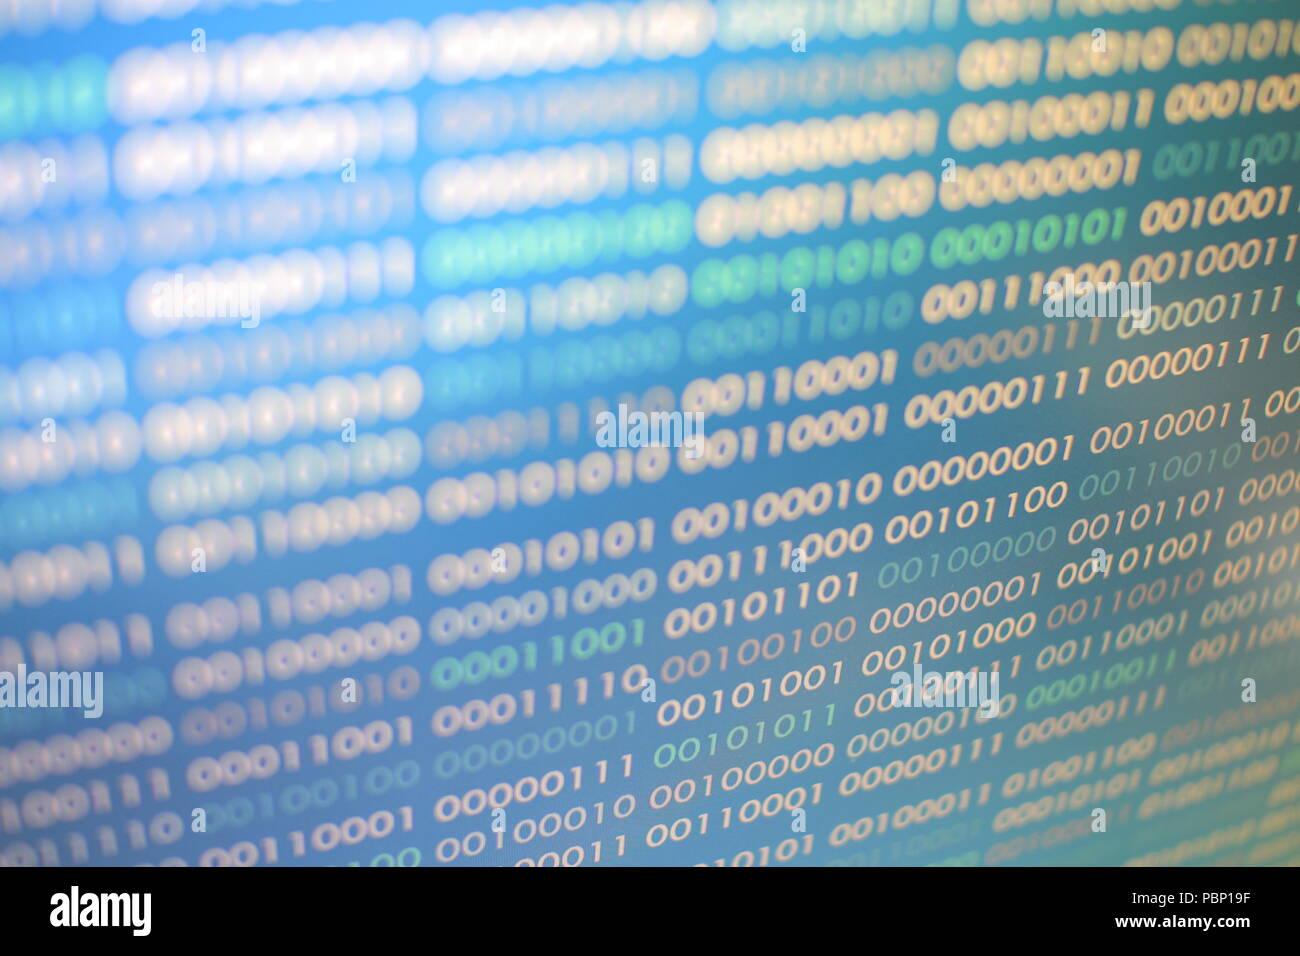 Blu codice binario. blocchi di dati binari. Concetto Blockchain. Sfondo blu con un computer digitale binario bit di codice numero uno e zero testo. Foto Stock